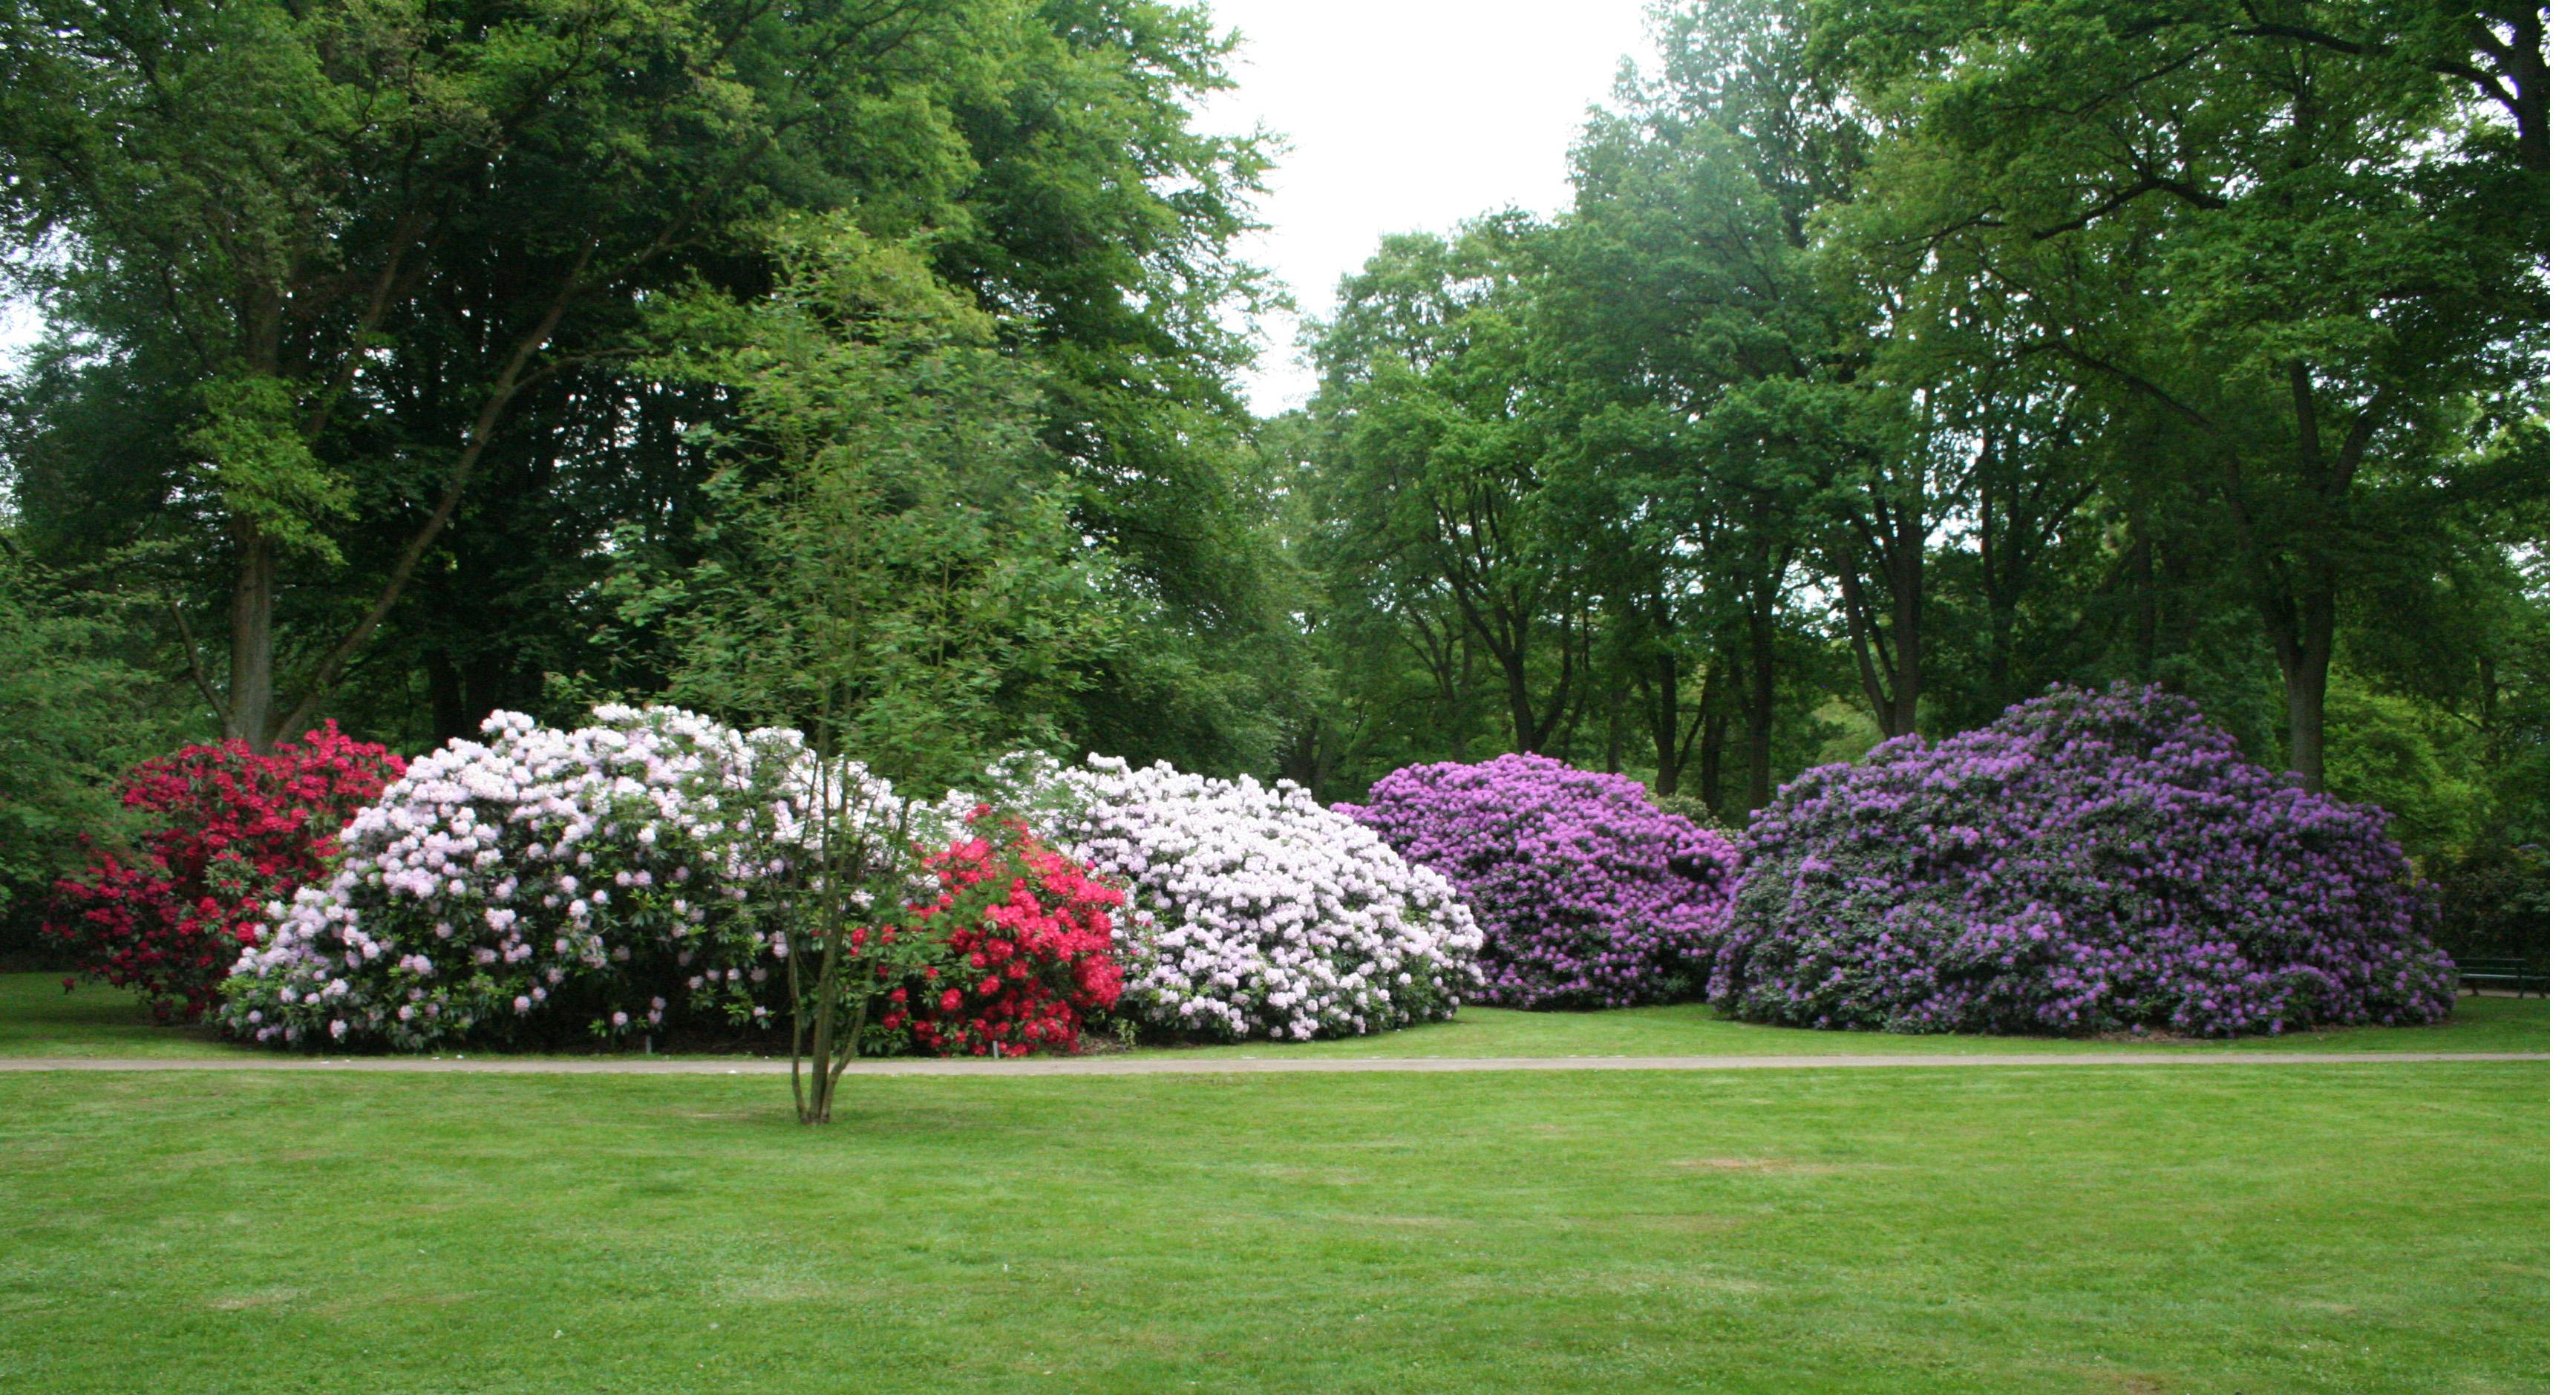 Rhododendron park bremen wikiwand for Gartengestaltung rhododendron